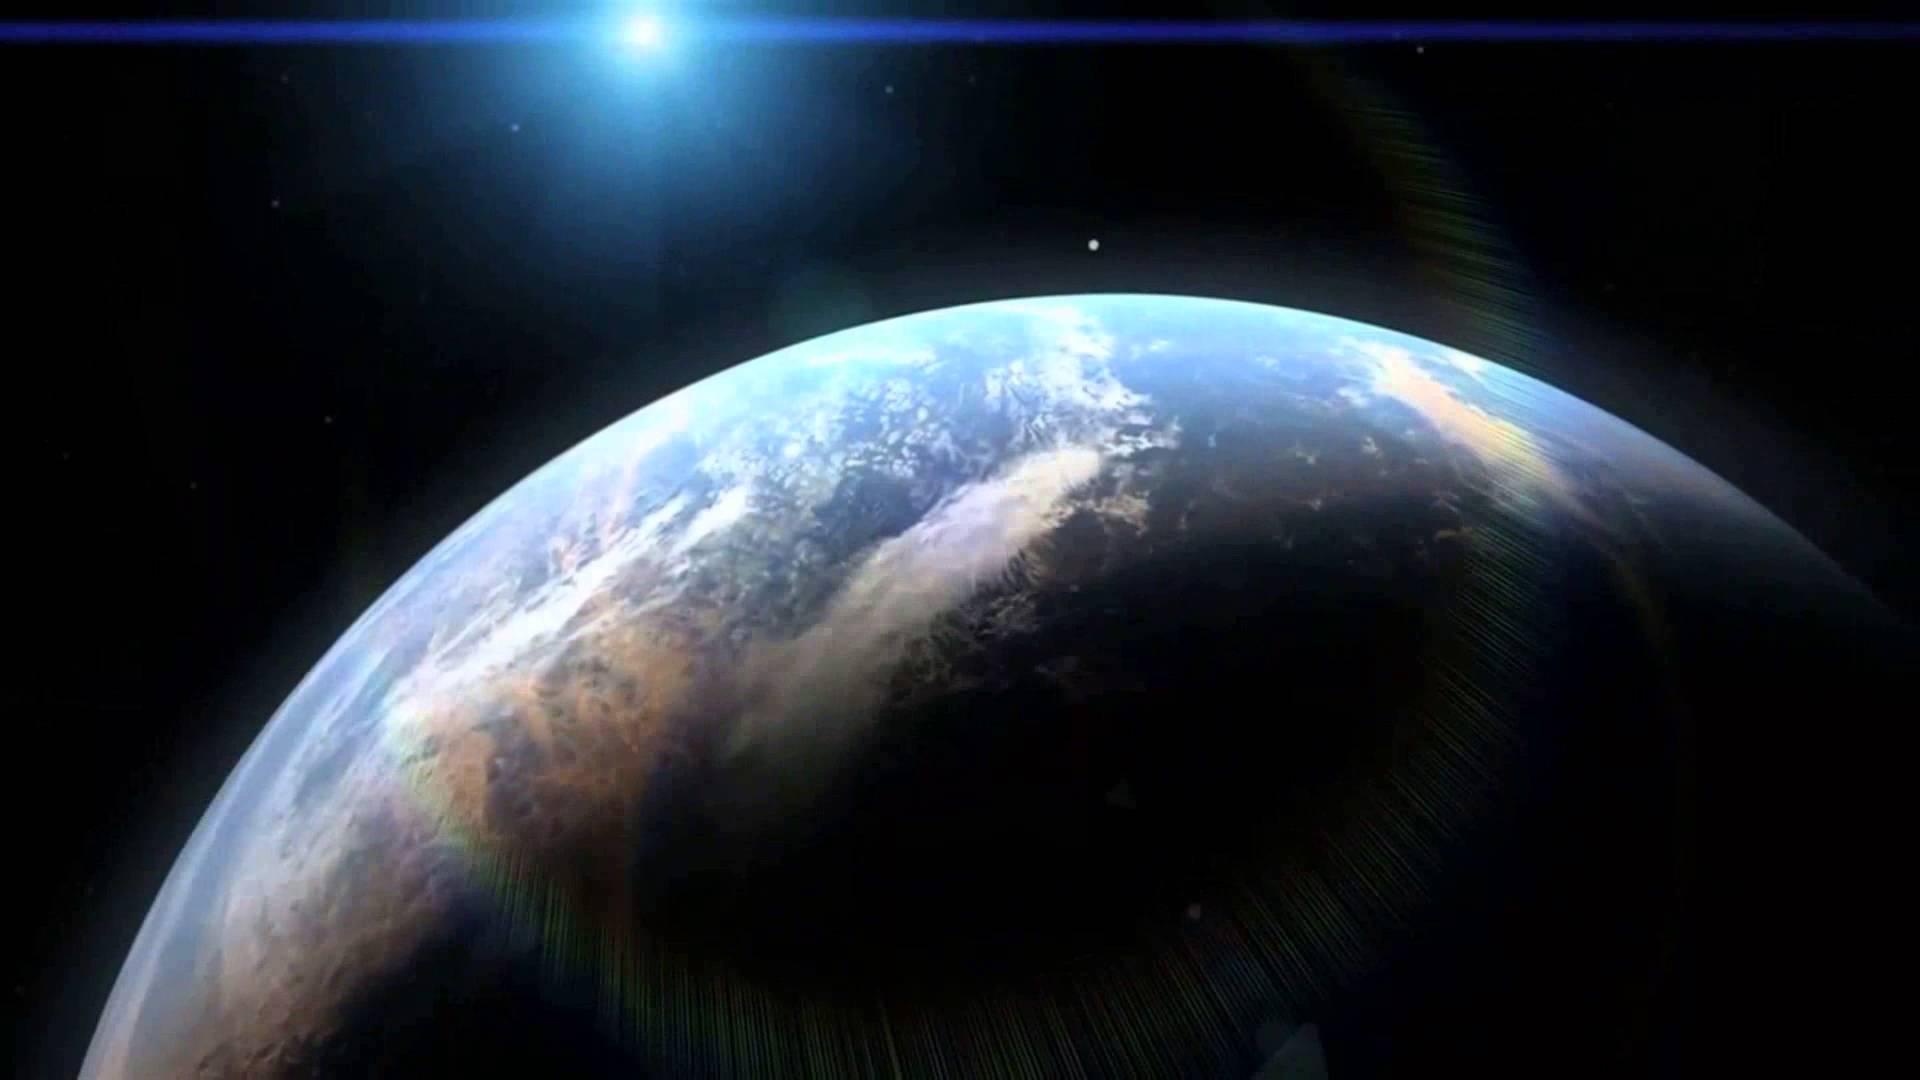 Vemos el globo terráqueo que nos muestra una pequeña parte de la esfera